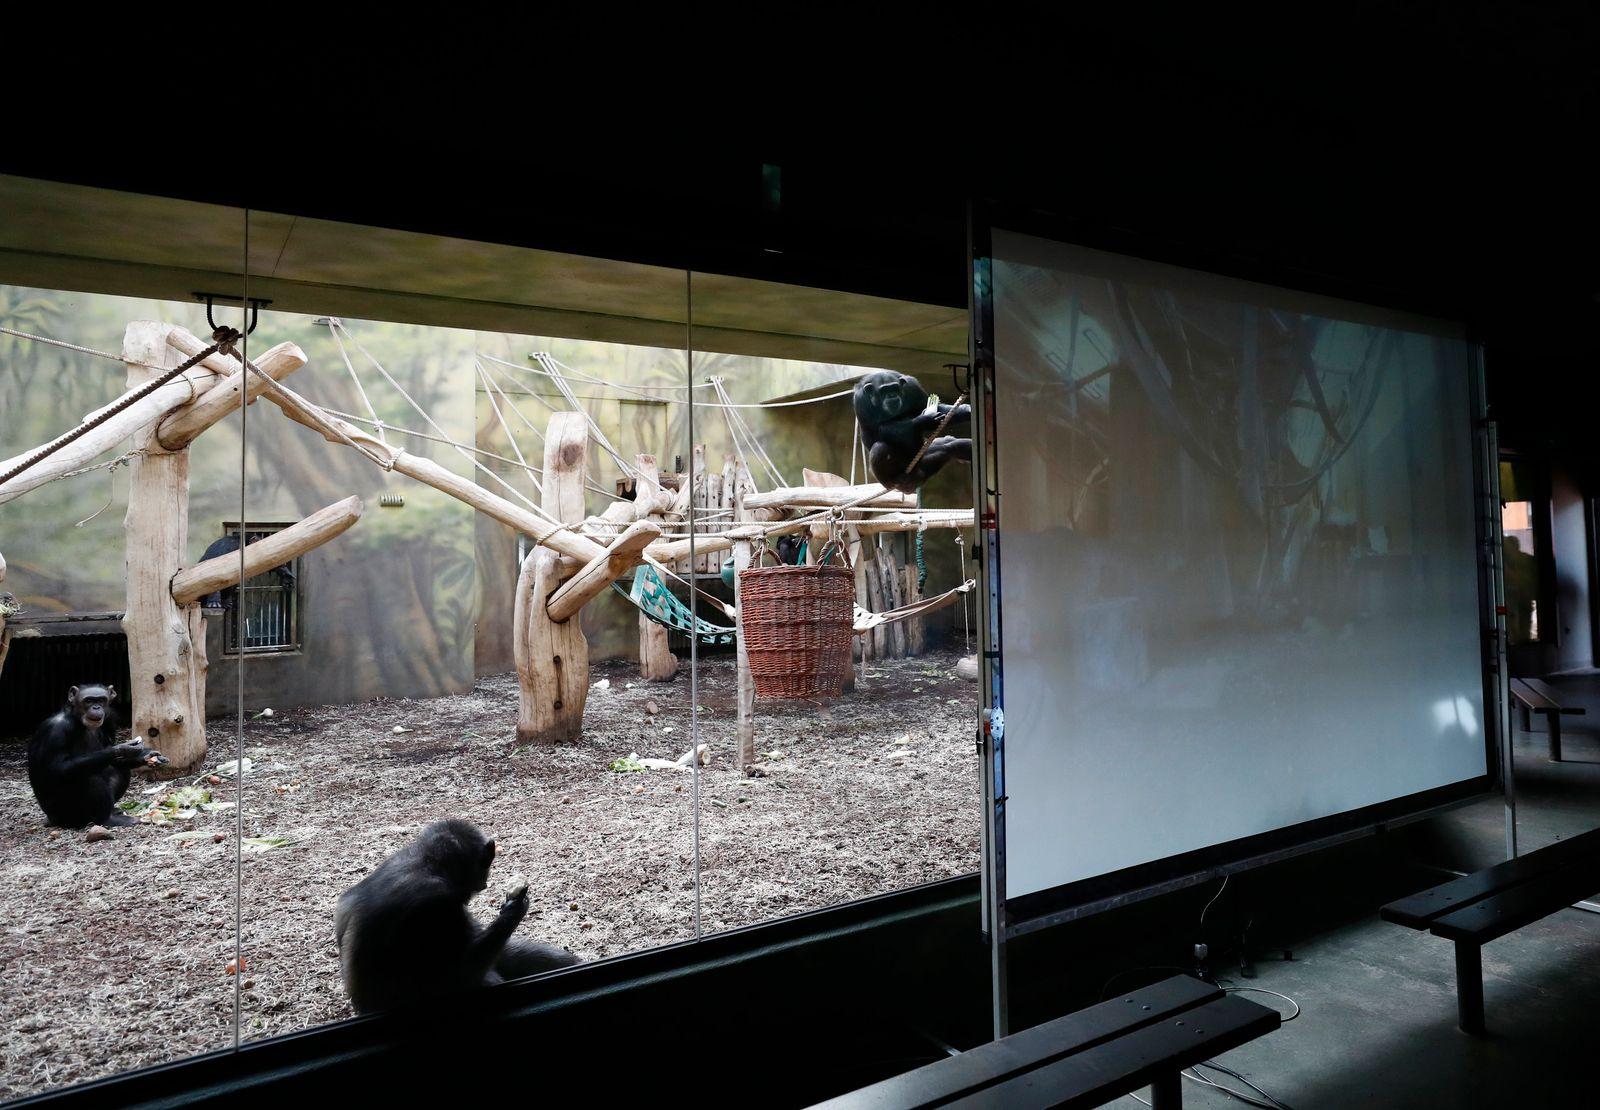 Videoschalte für gelangweilte Zoo-Schimpansen